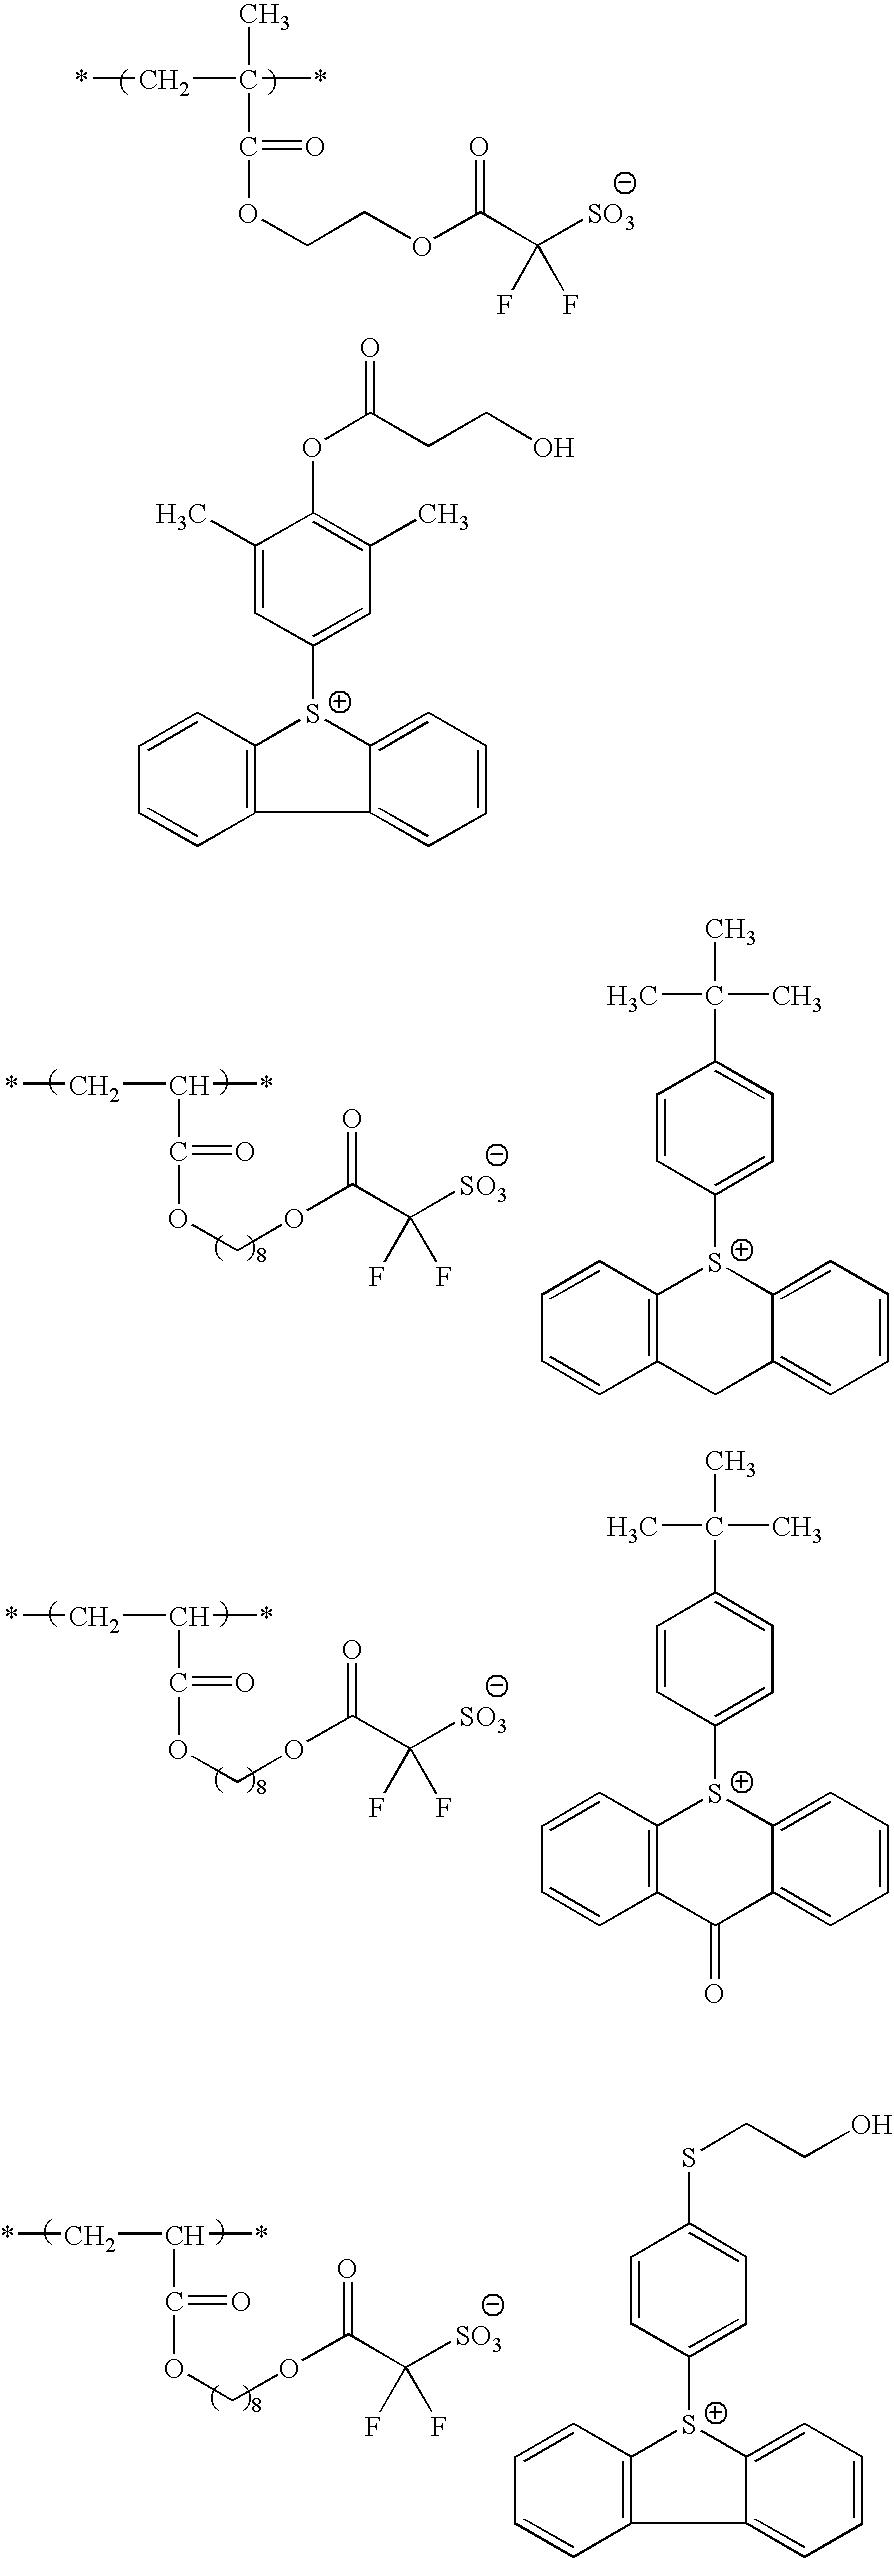 Figure US08852845-20141007-C00067